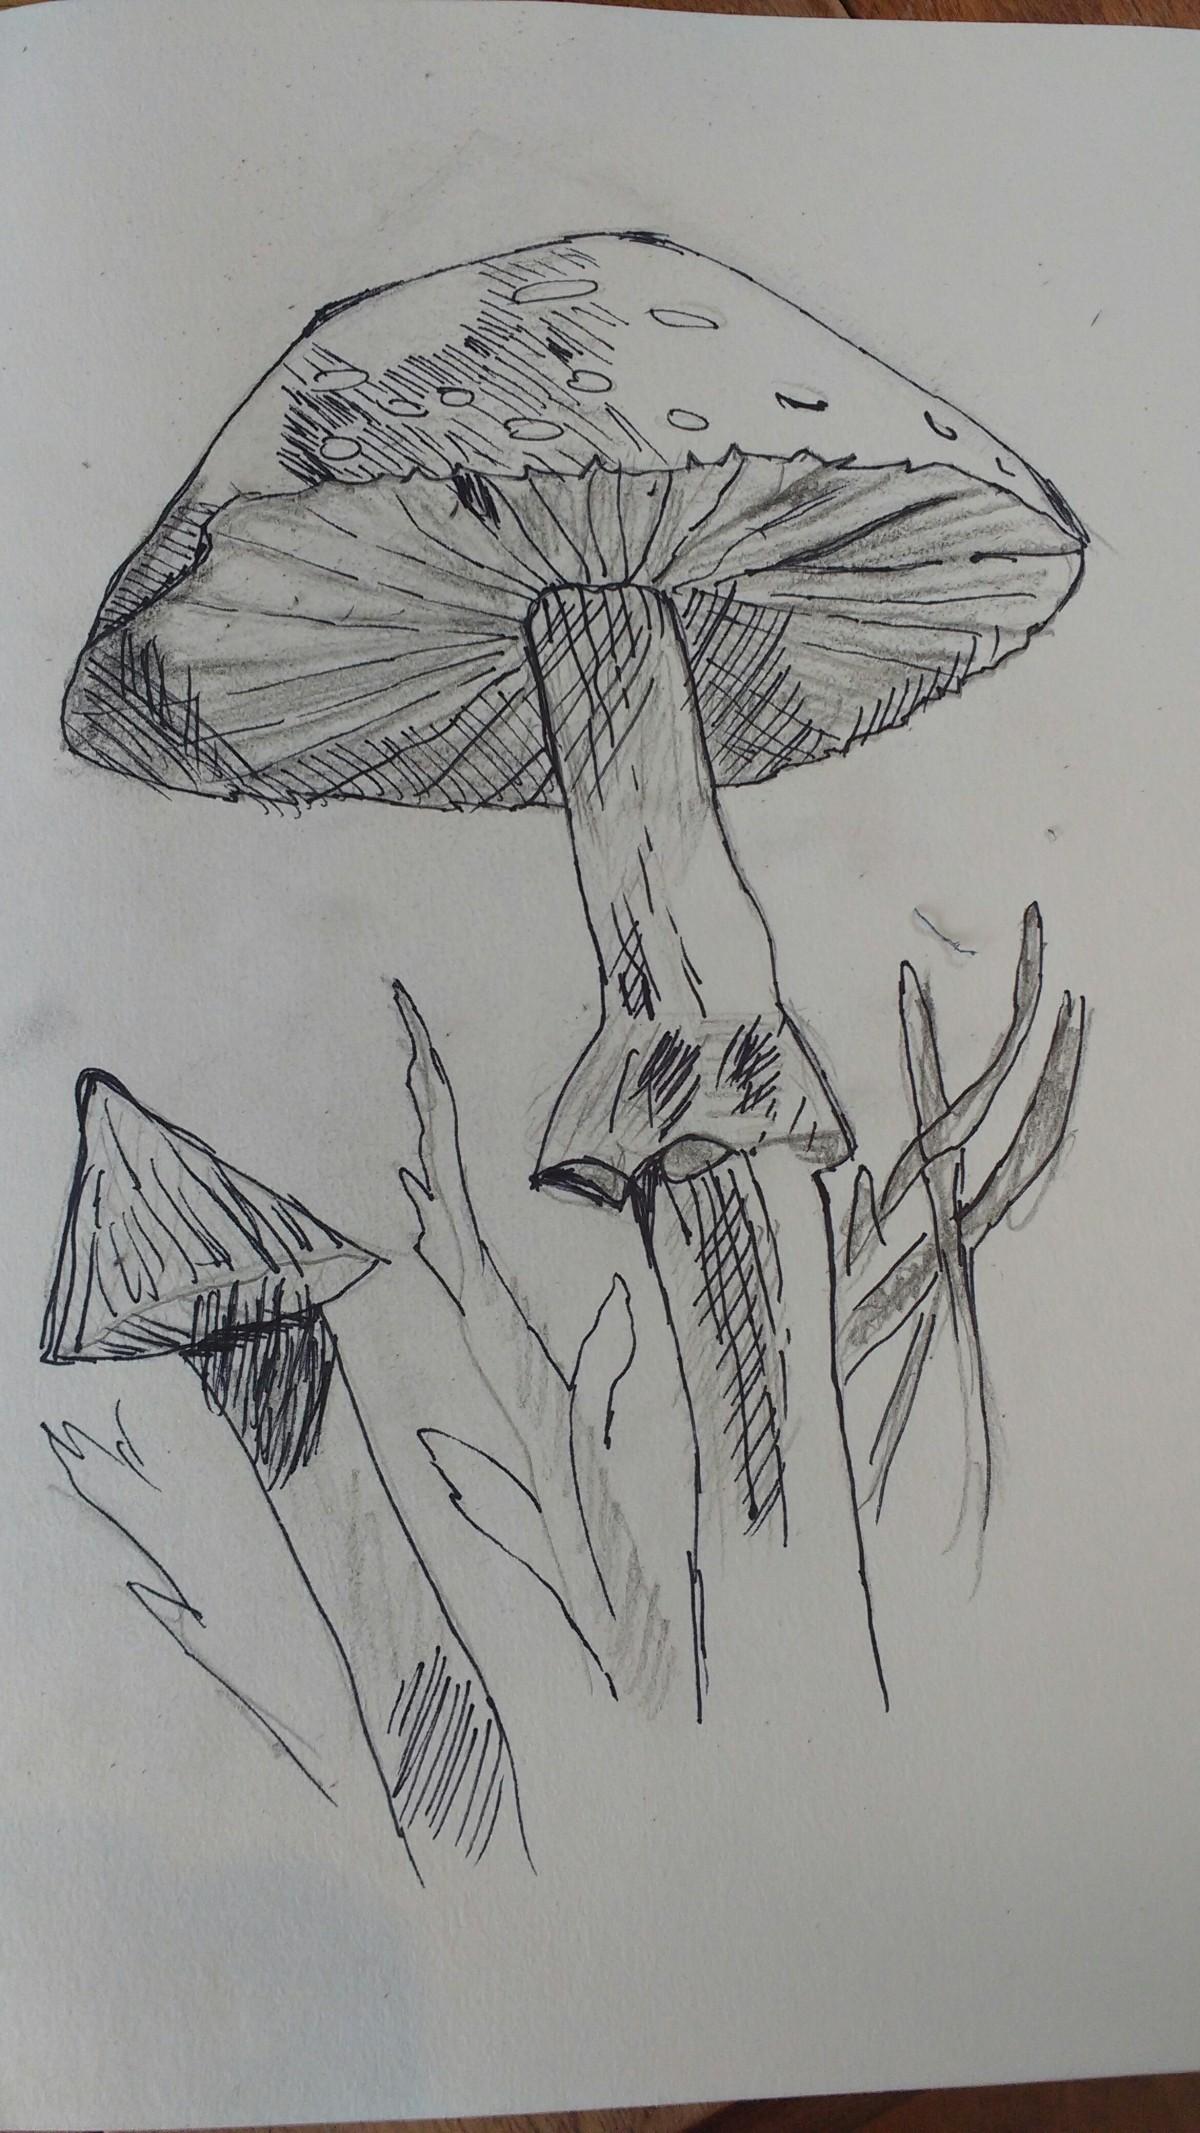 Observons les champignons